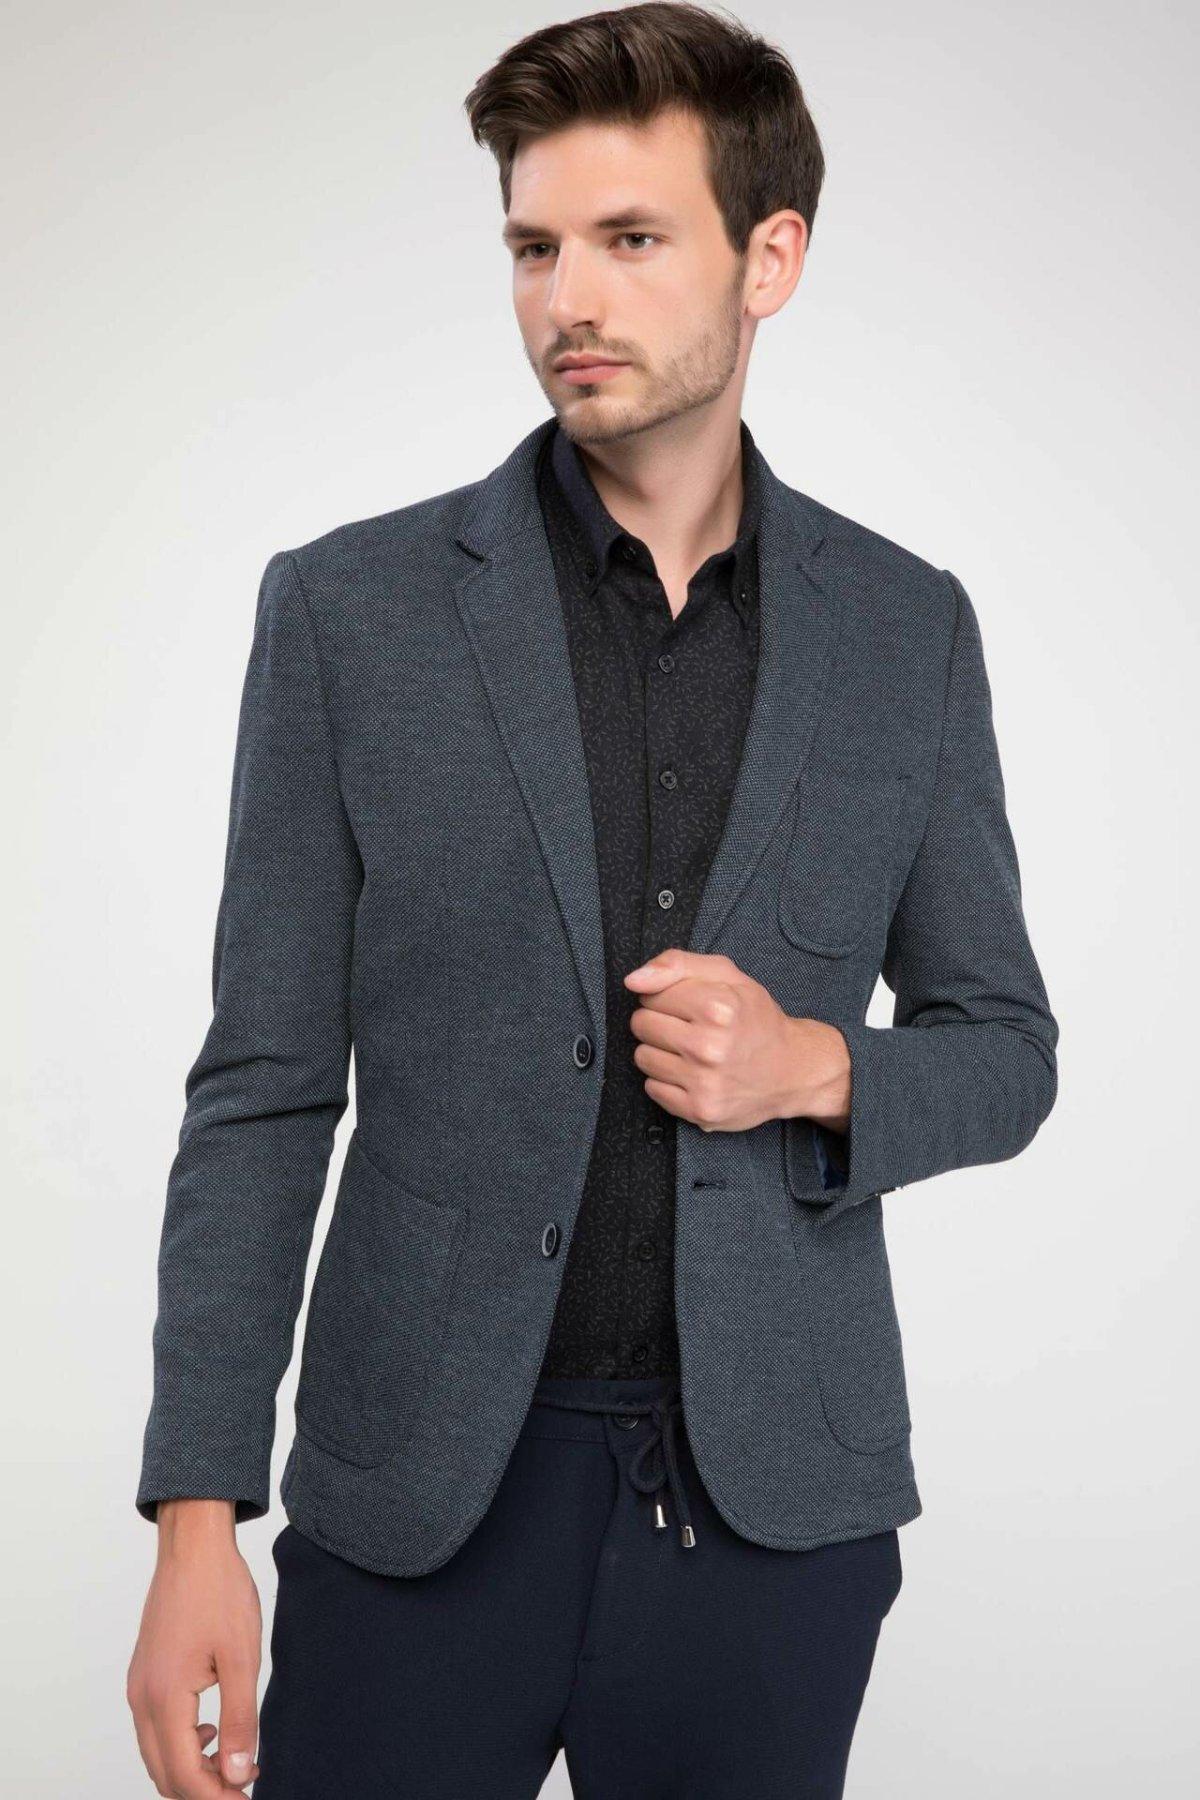 DeFacto Men Formal Business Blazer Outwear Long Sleeve Coat Office Suits Male Fit Top Blazar Suit Cloth-J4201AZ18AU